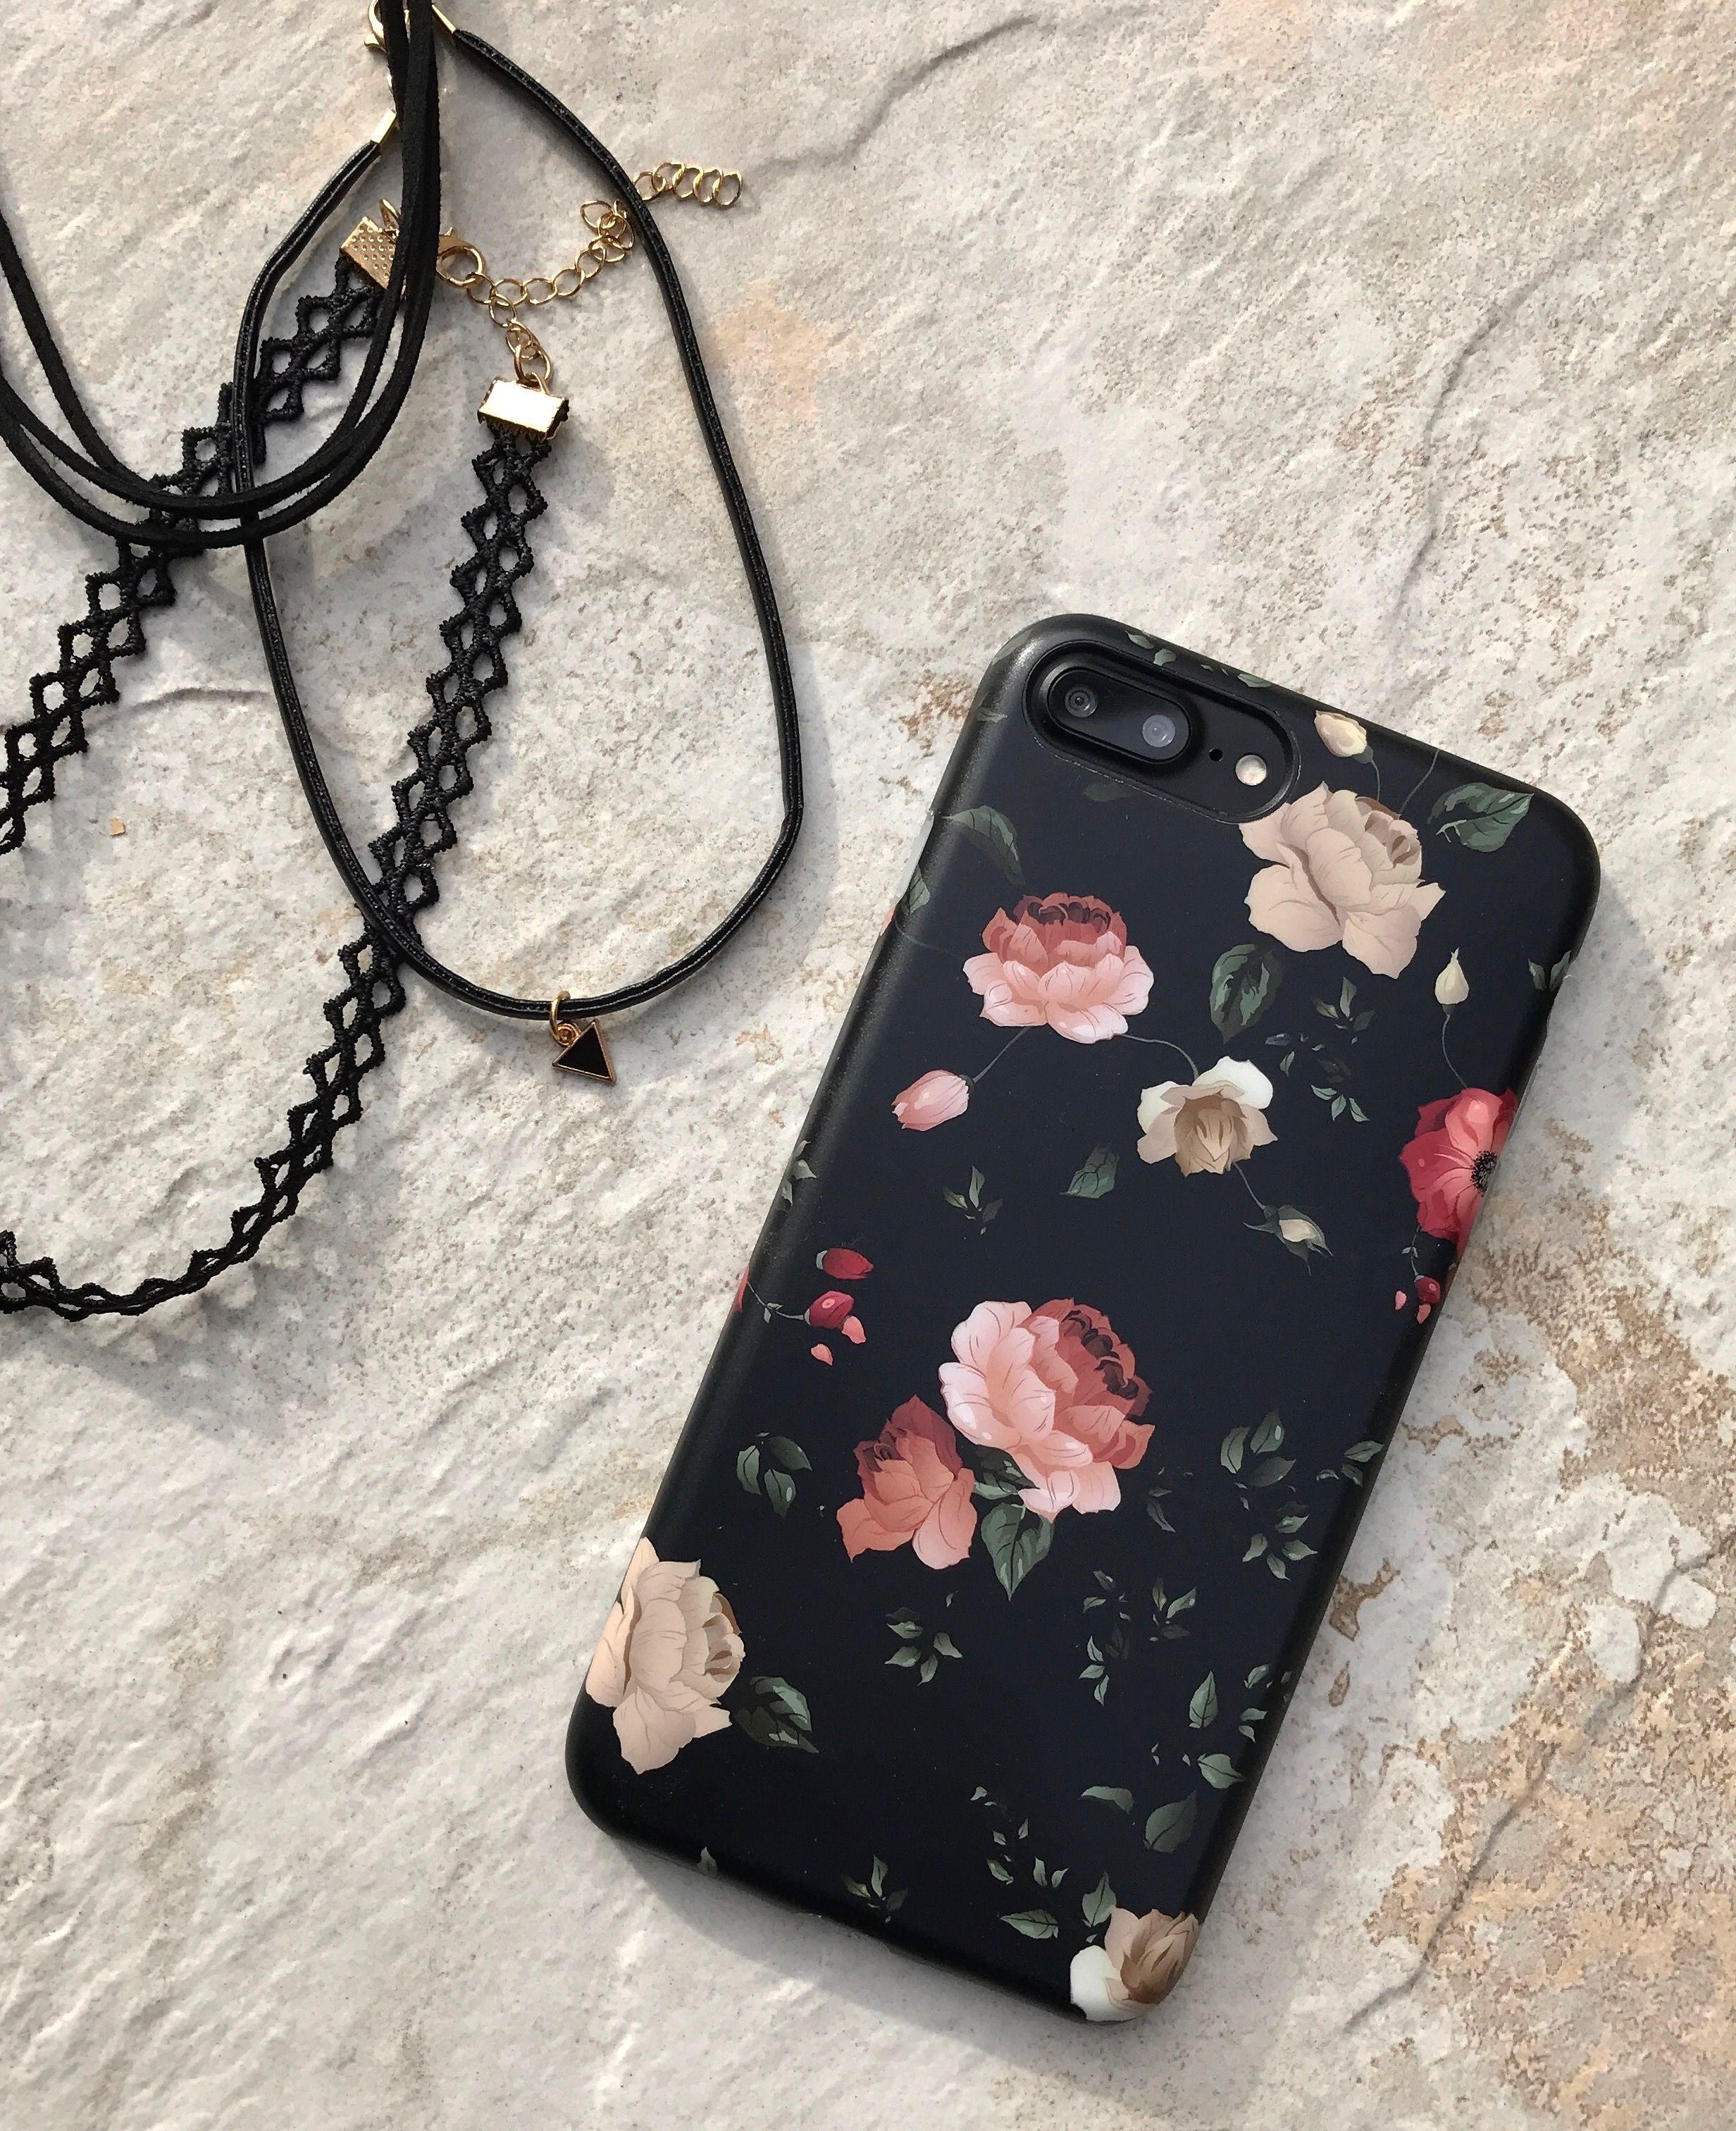 funda iphone 7 plus jet black